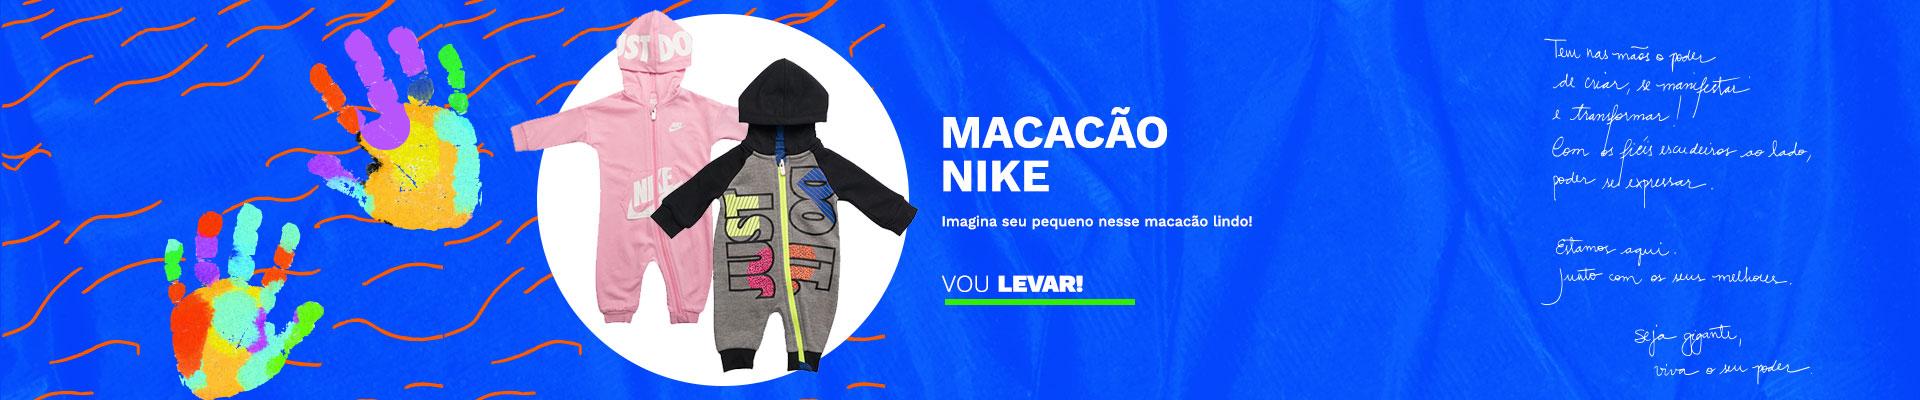 Macacão Nike